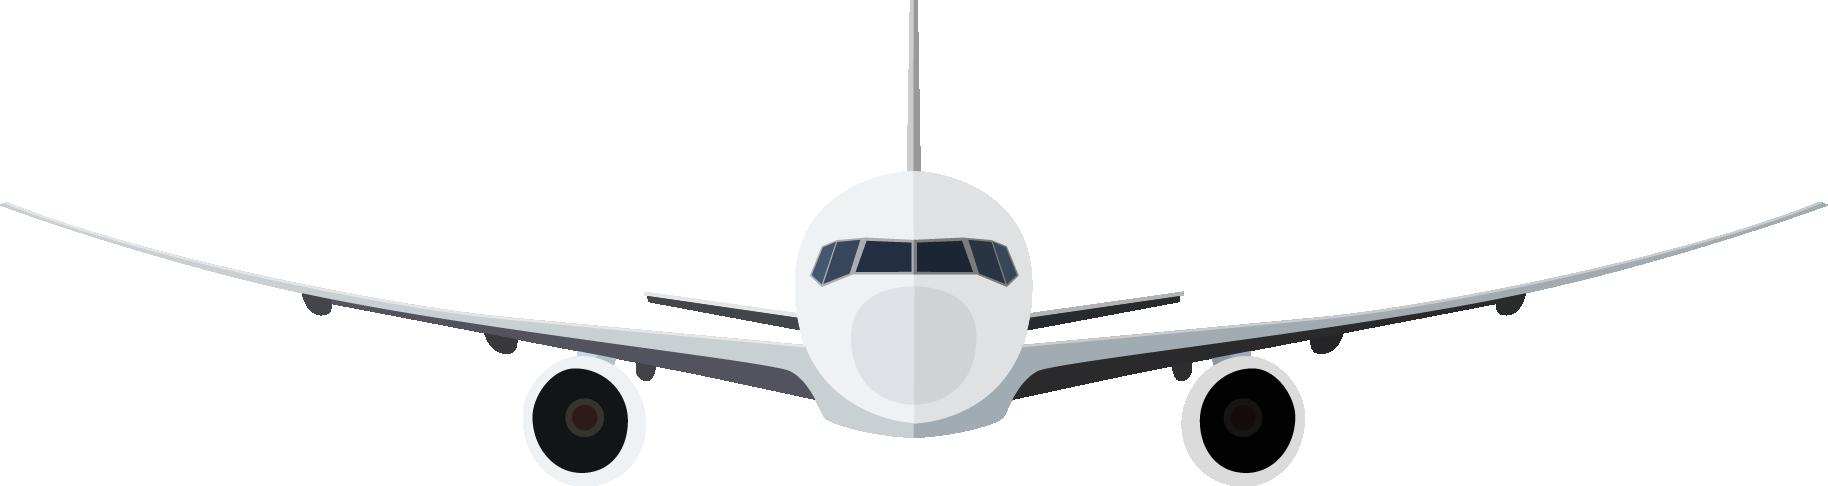 Aircraft clipart Free Domain Clip Airplane Art